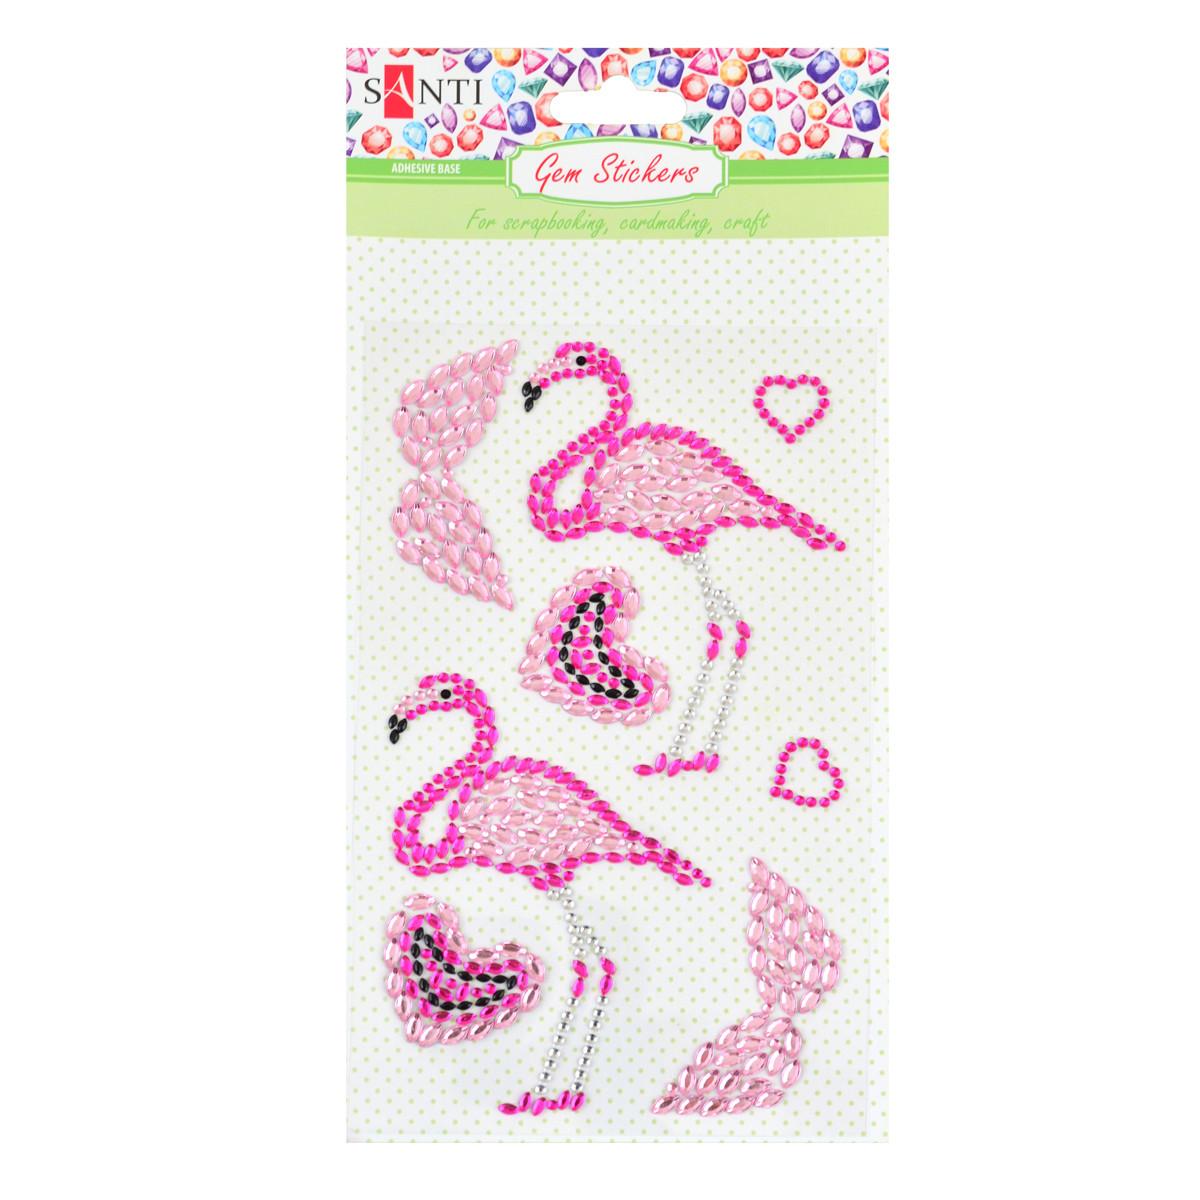 Набор аппликаций Santi из кристаллов самоклеющихся «Two flamingos», 9.5*15 см. код: 742534